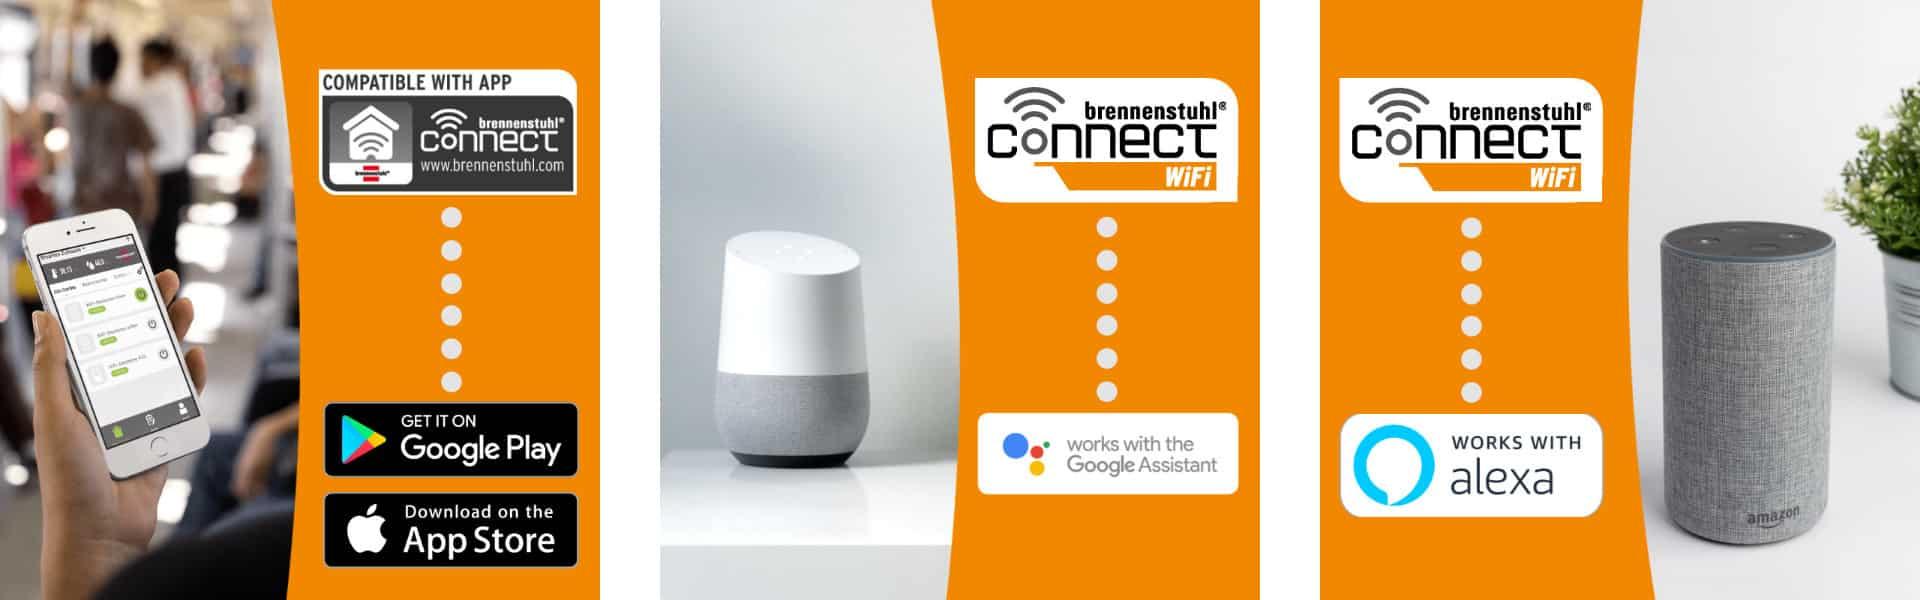 brennenstuhl Connect WiFi Steckdosen kompatibel mit Google Assistant und Amazon Alexa